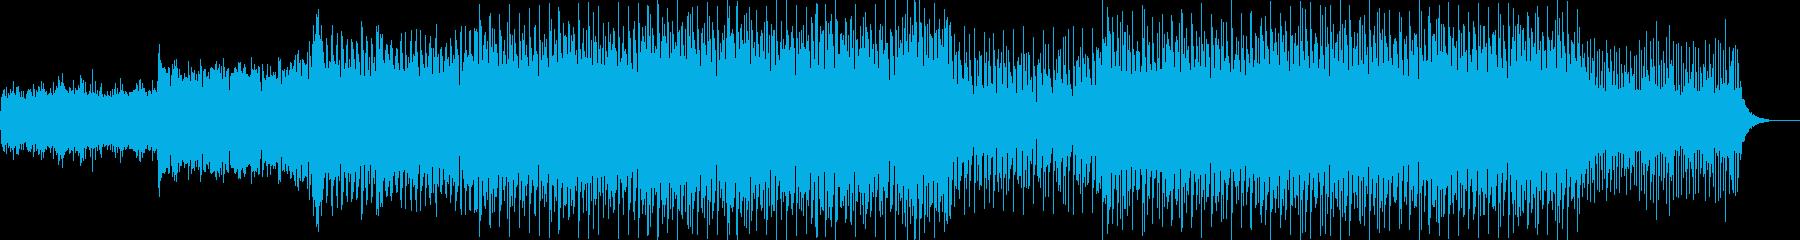 EDM、明るい躍動感、未来、希望-08の再生済みの波形